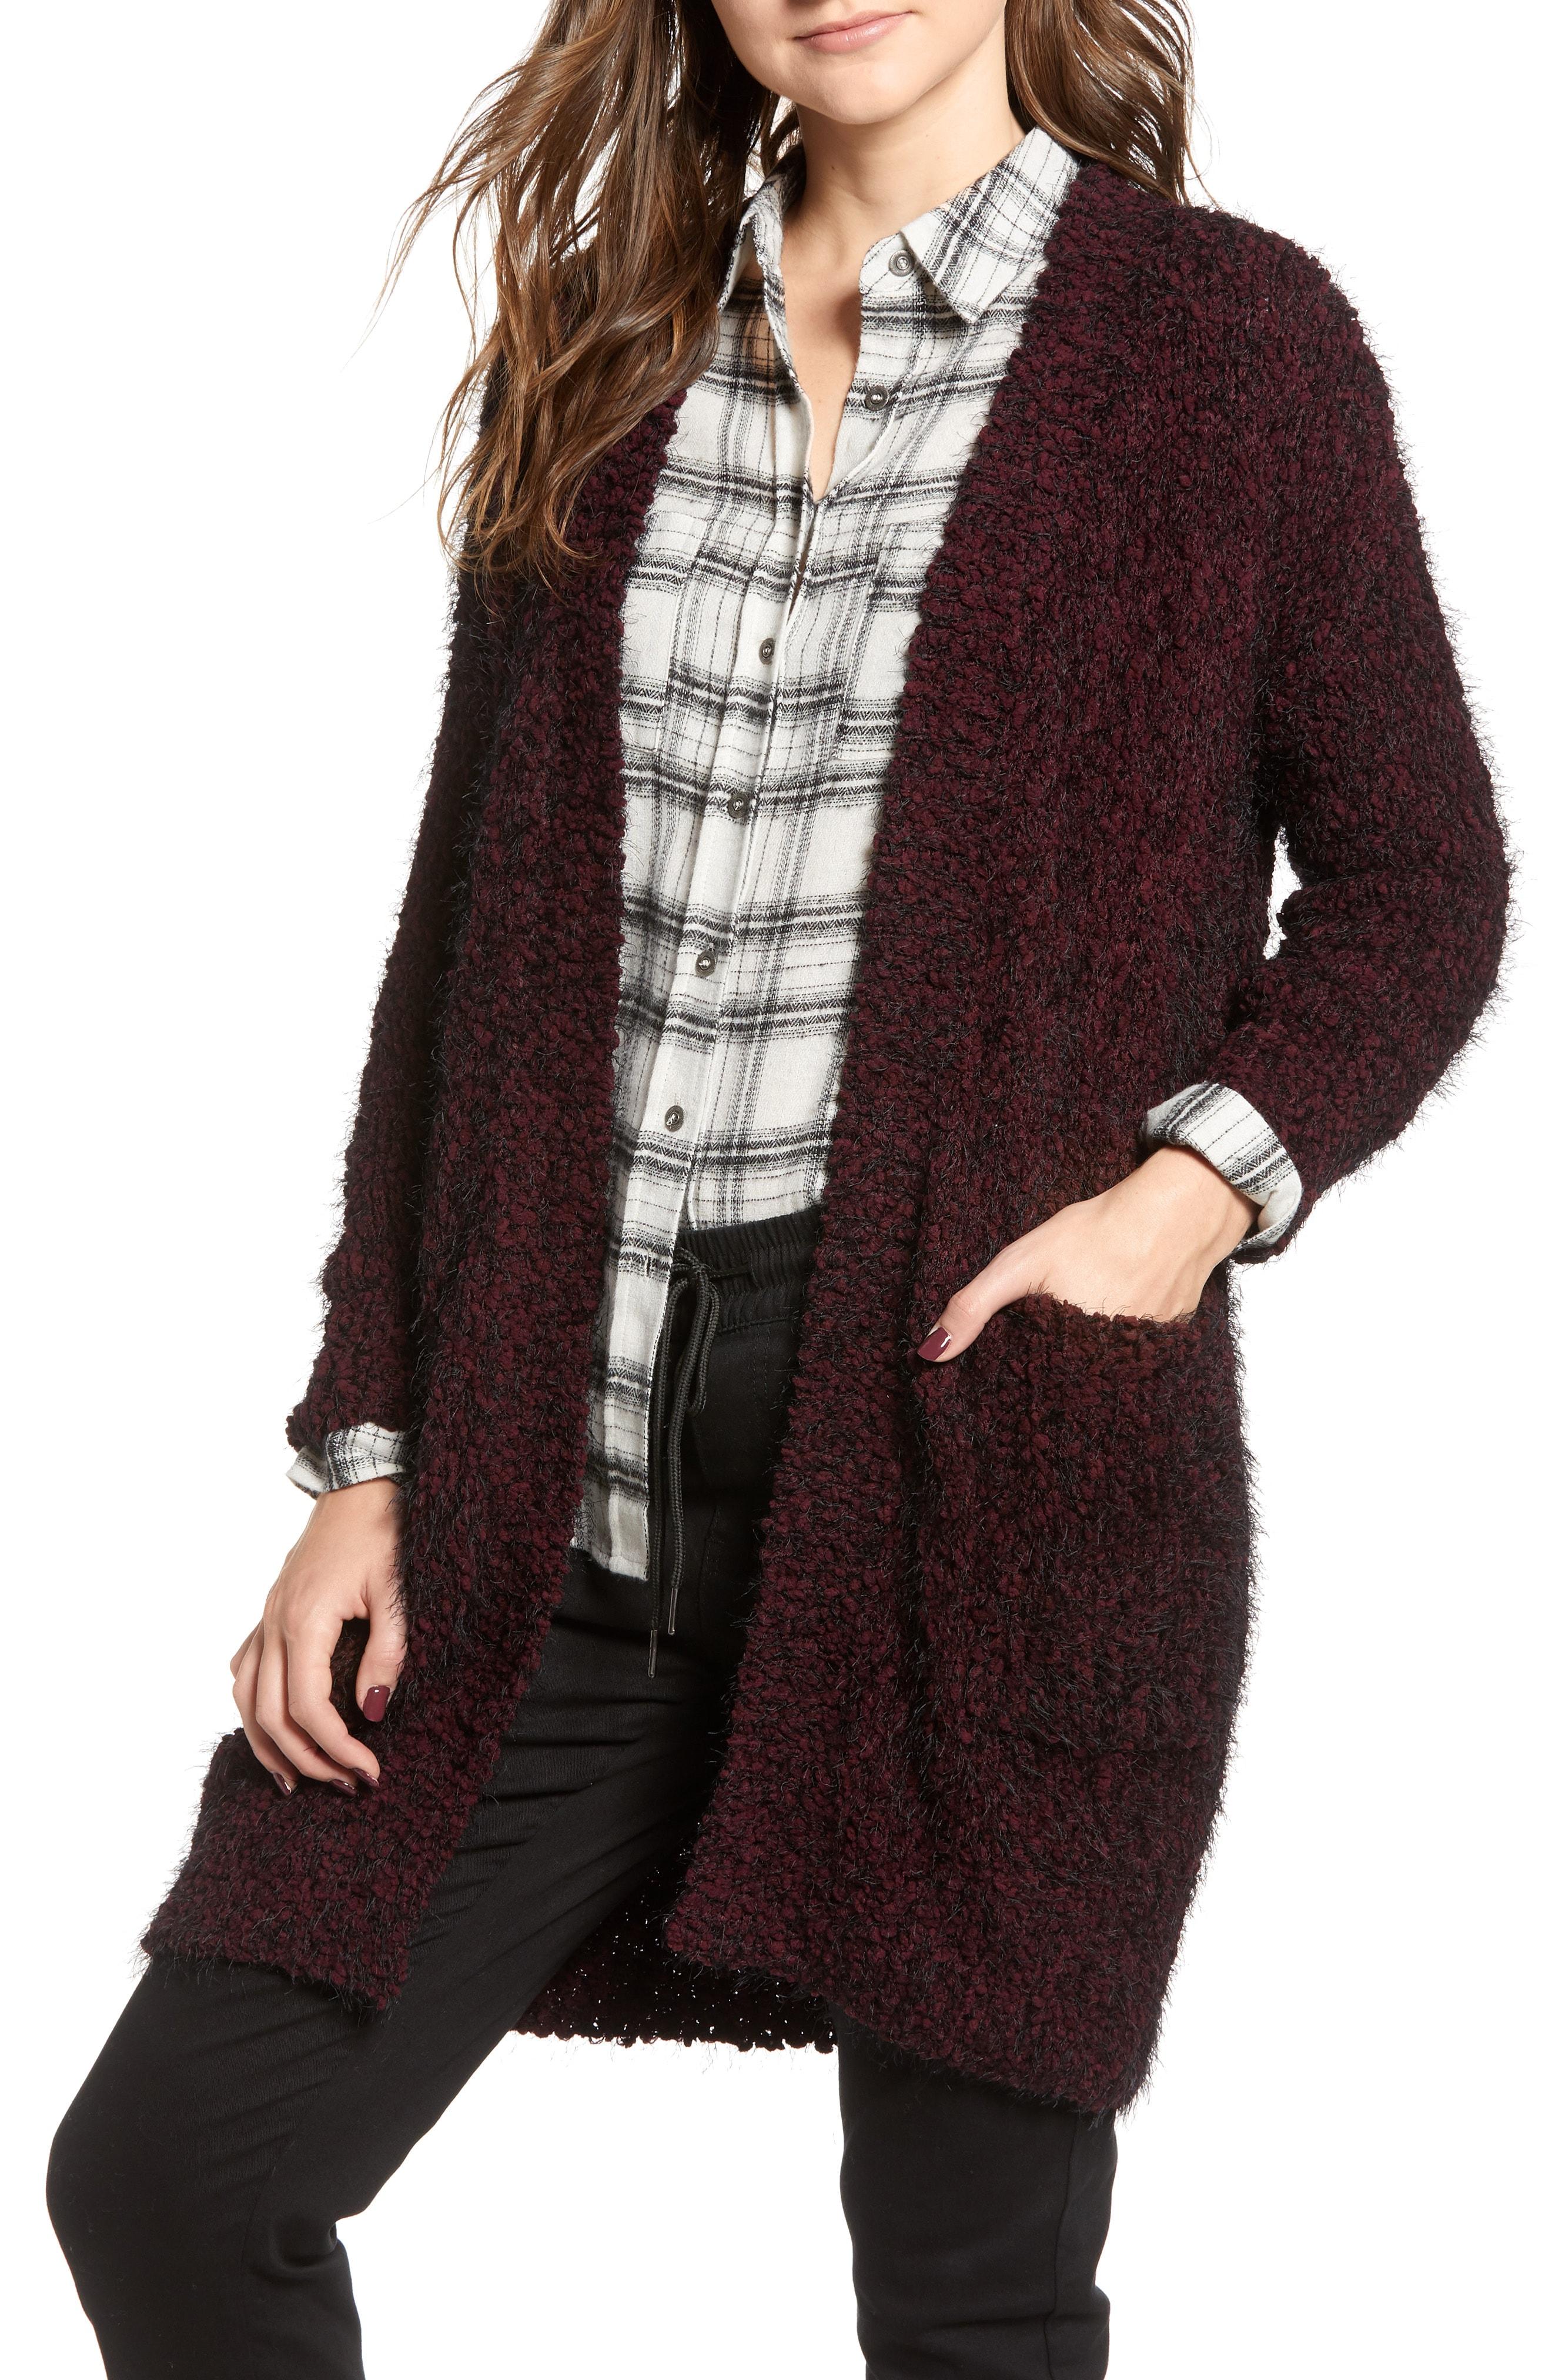 Lira Clothing Miranda Knit Cardigan